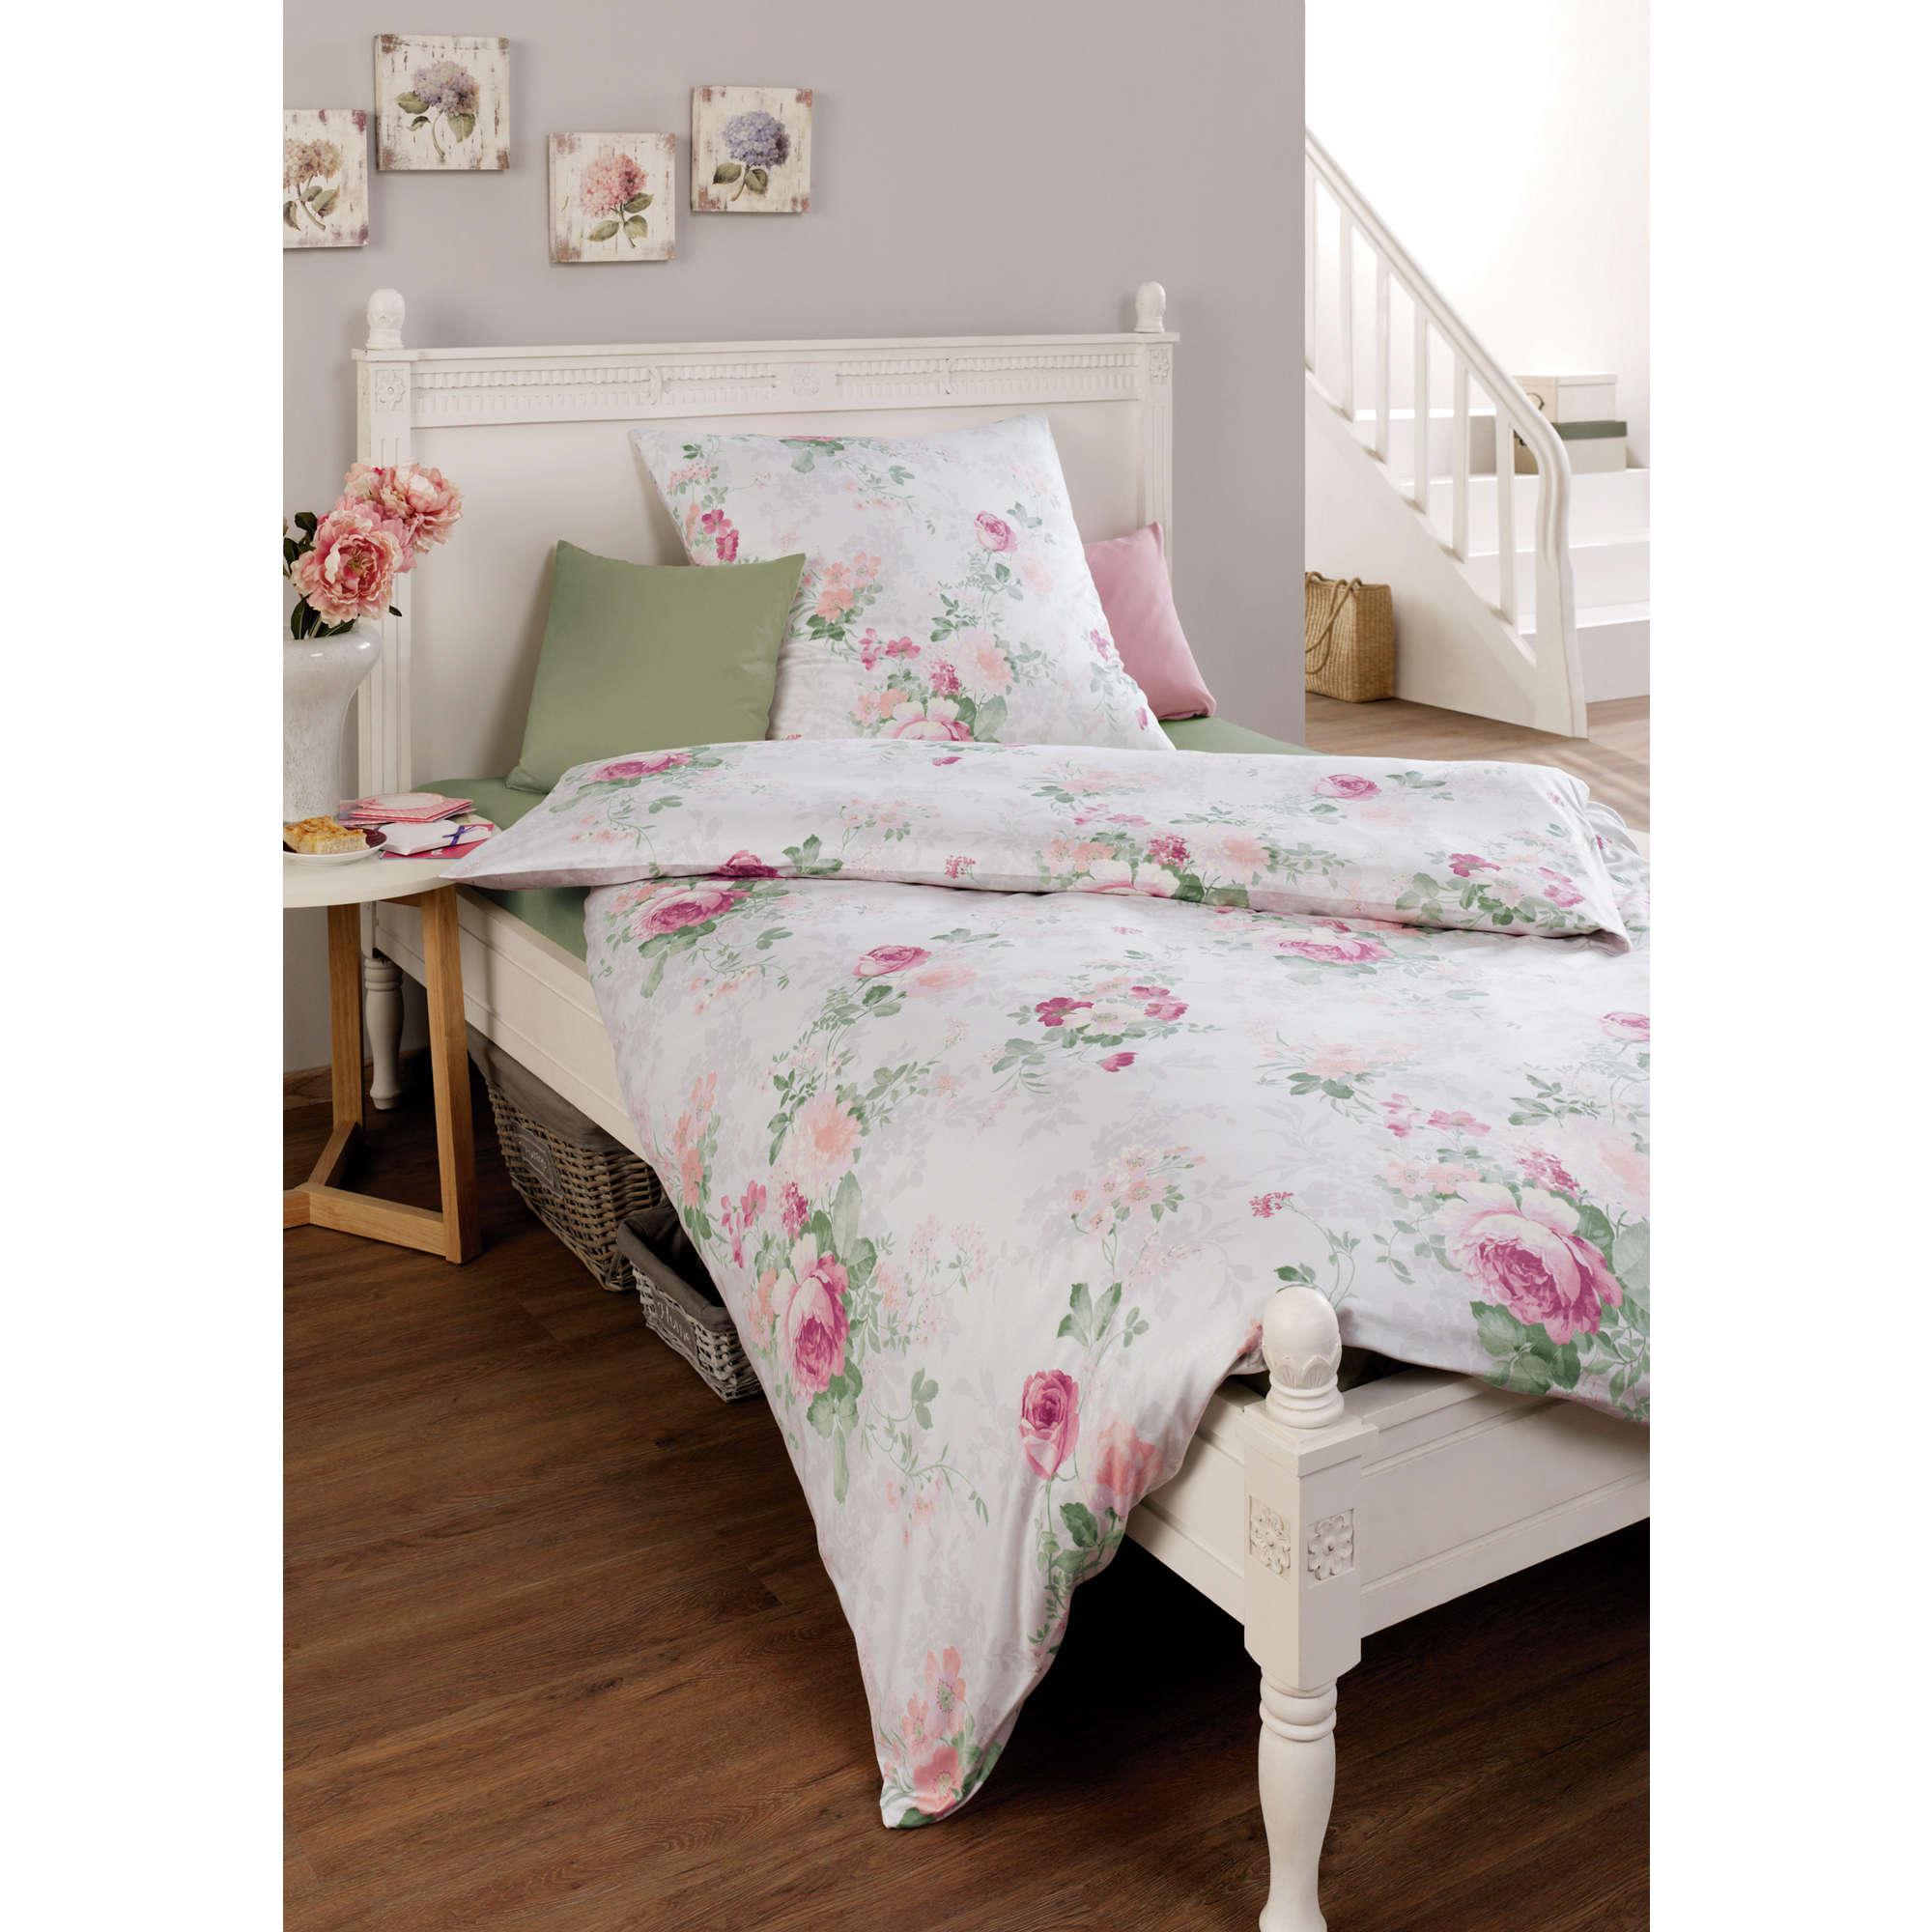 estella bettw sche creme interlock jersey ebay. Black Bedroom Furniture Sets. Home Design Ideas